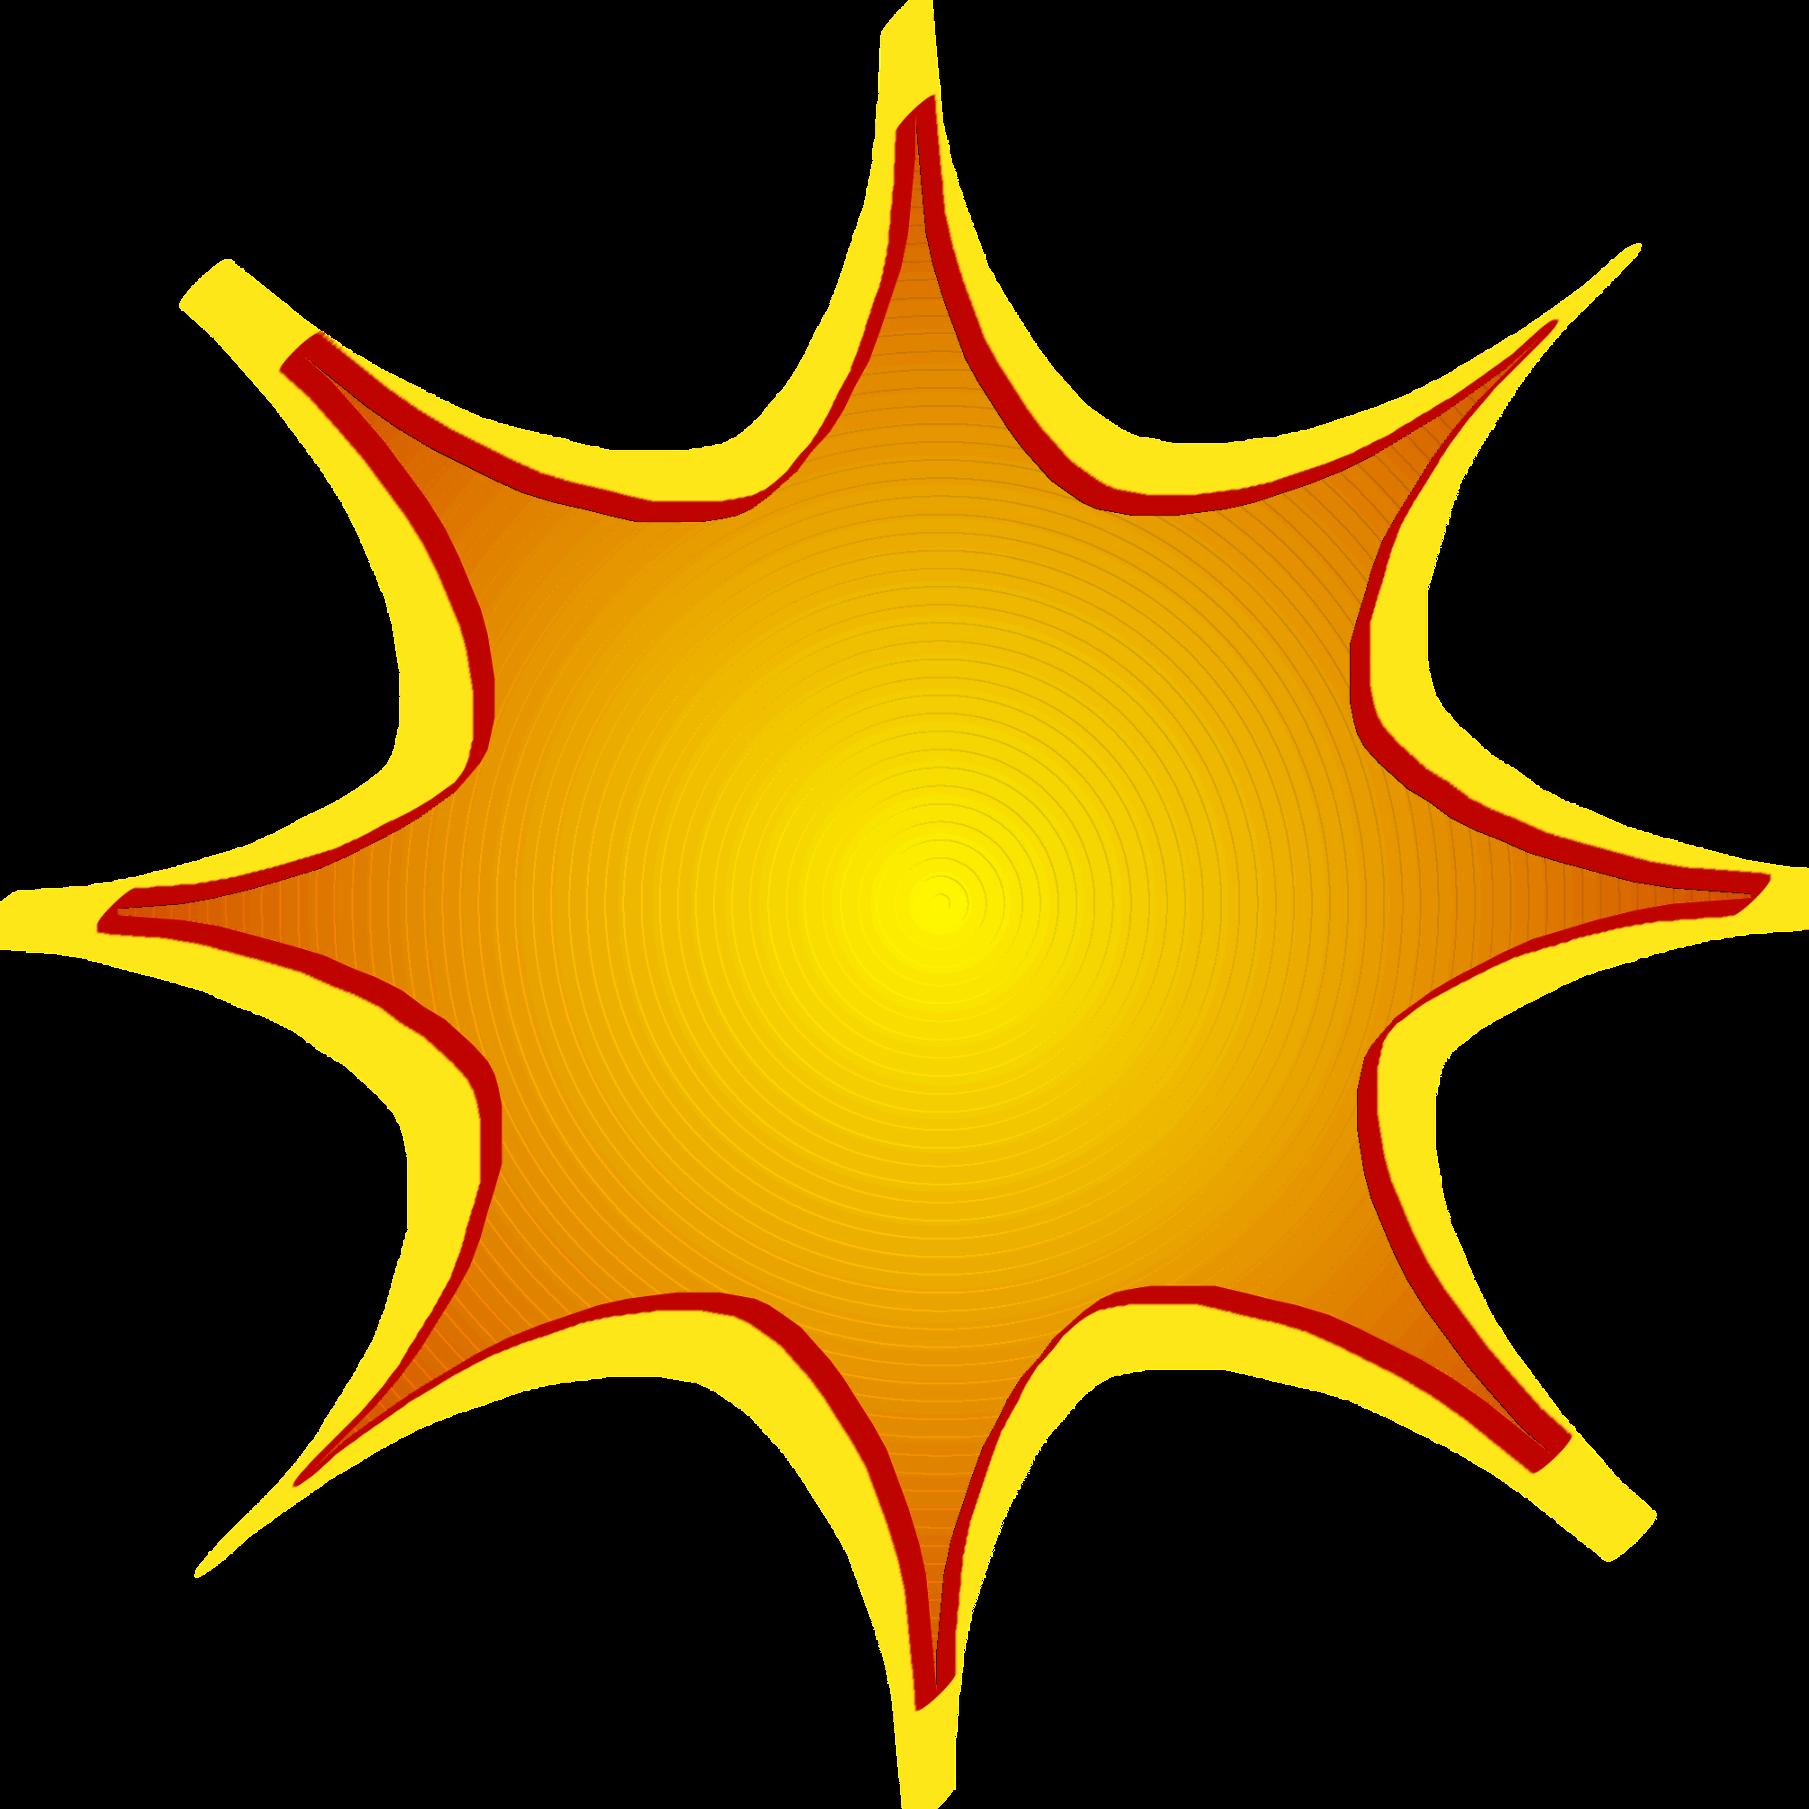 png transparent library  png for free. Transparent starburst orange